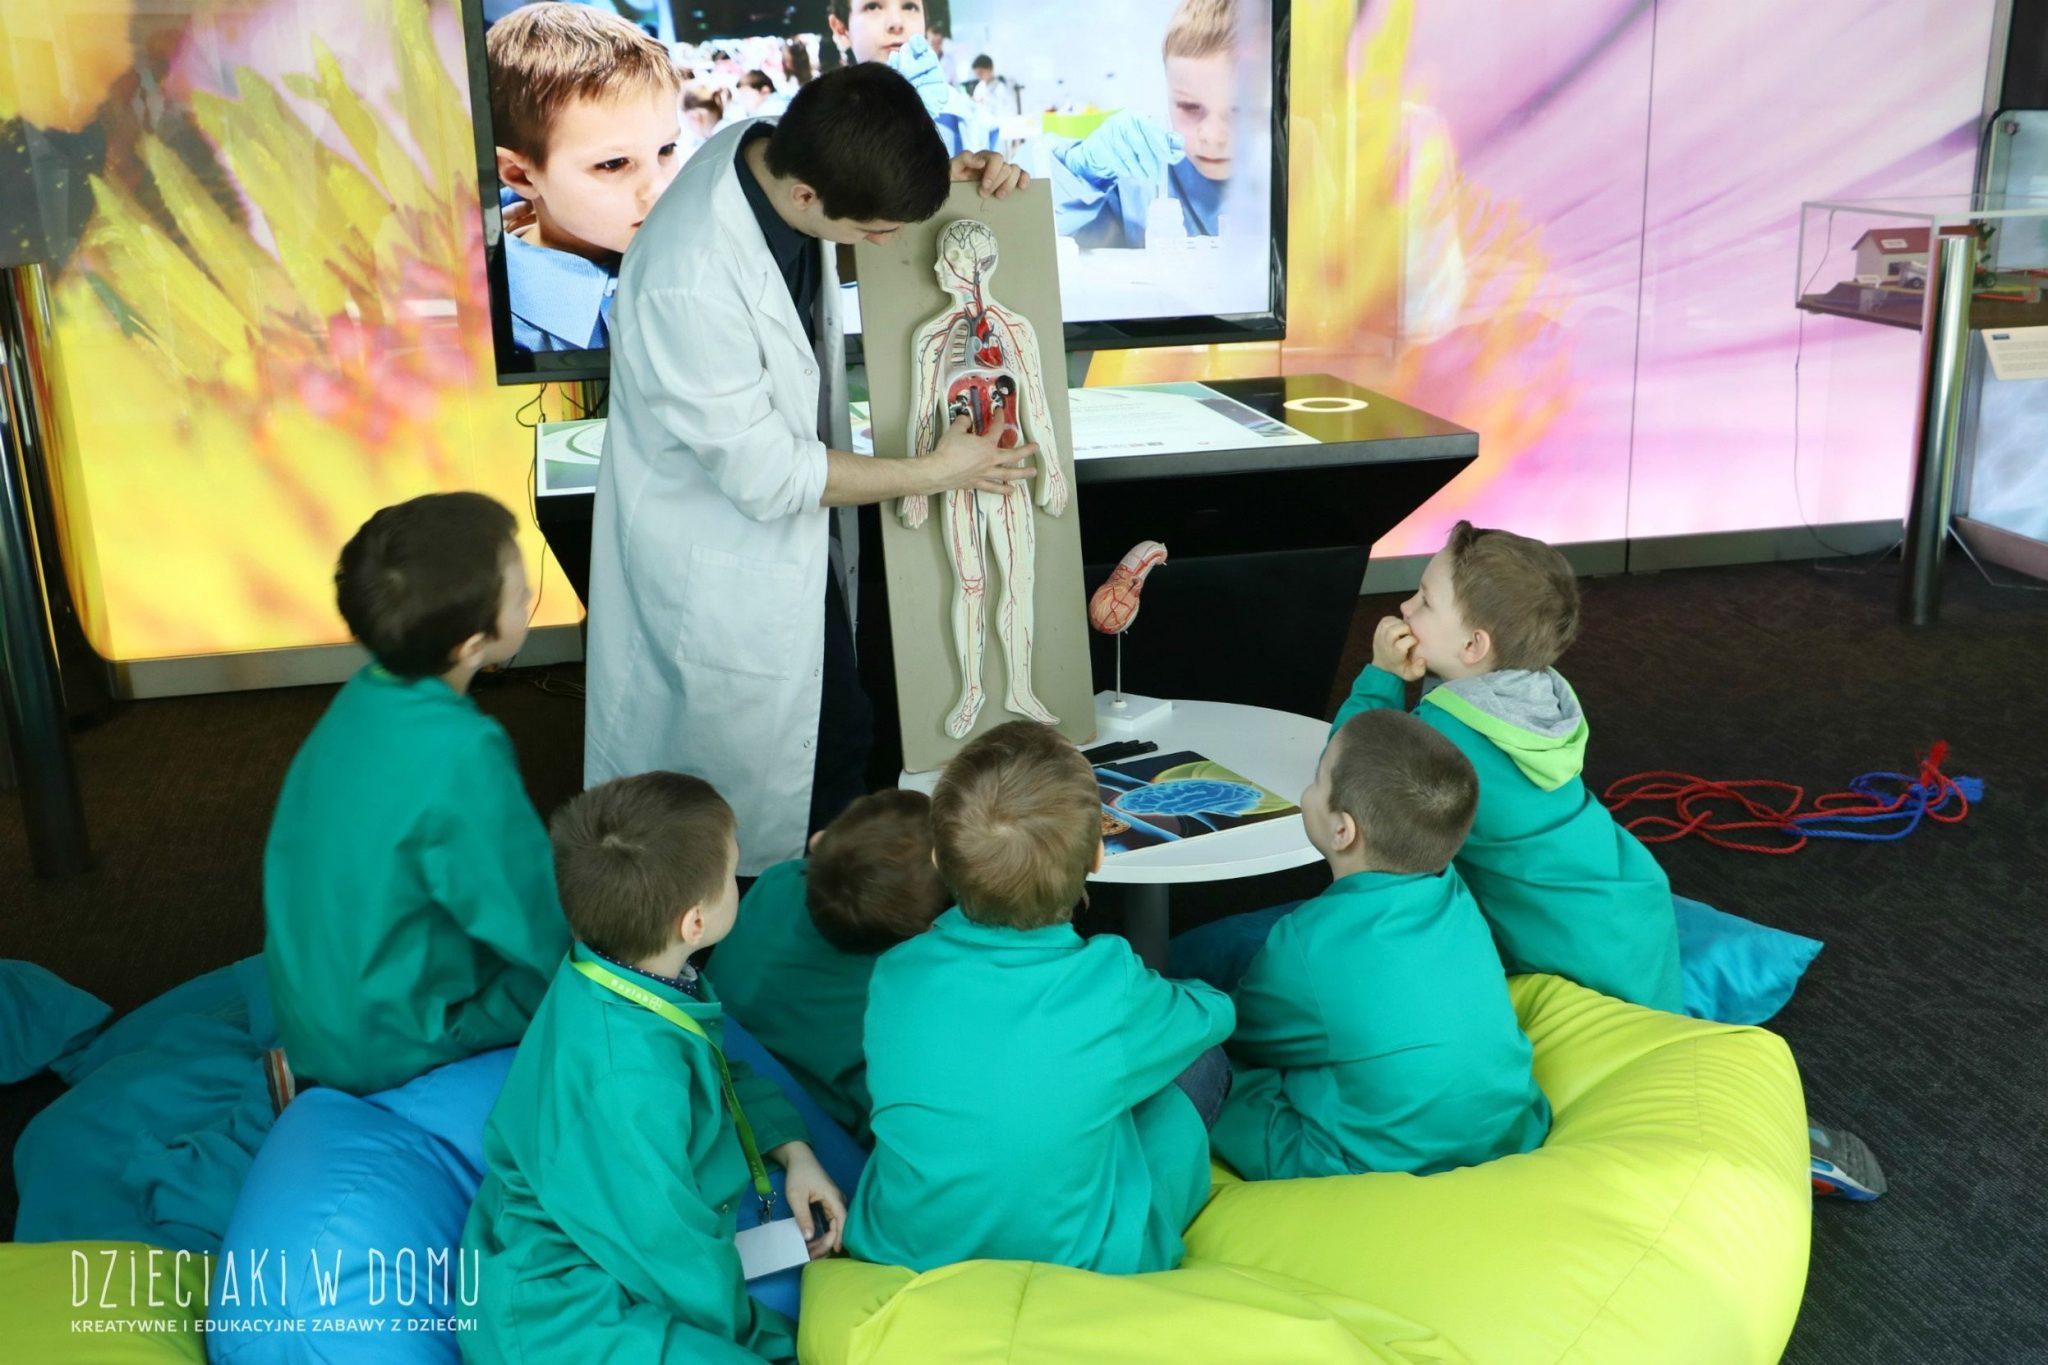 edukacyjne warsztaty dla dzieci baylab 18